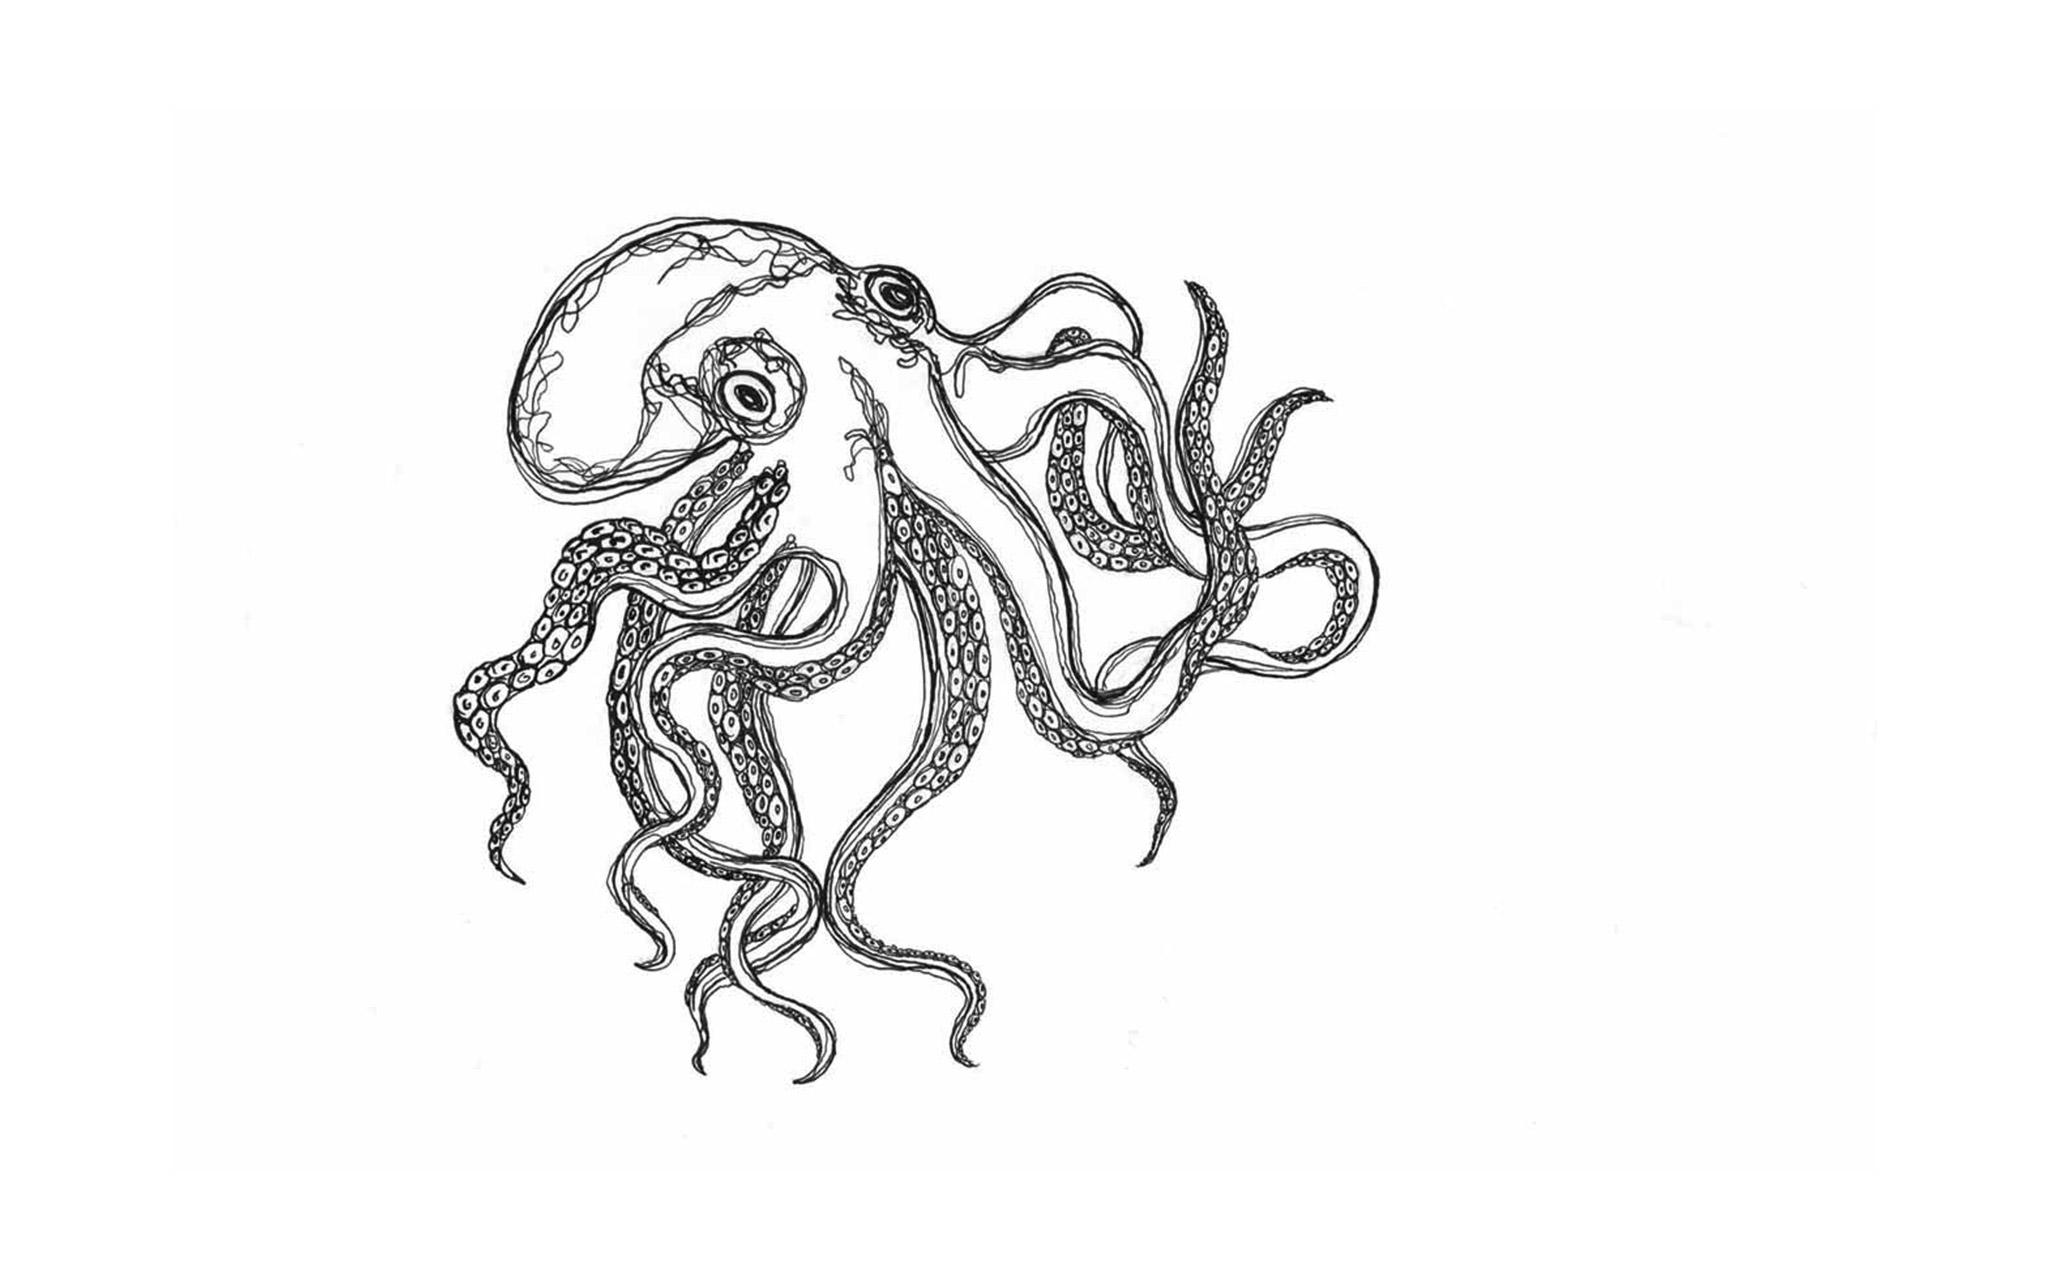 edi_octopus